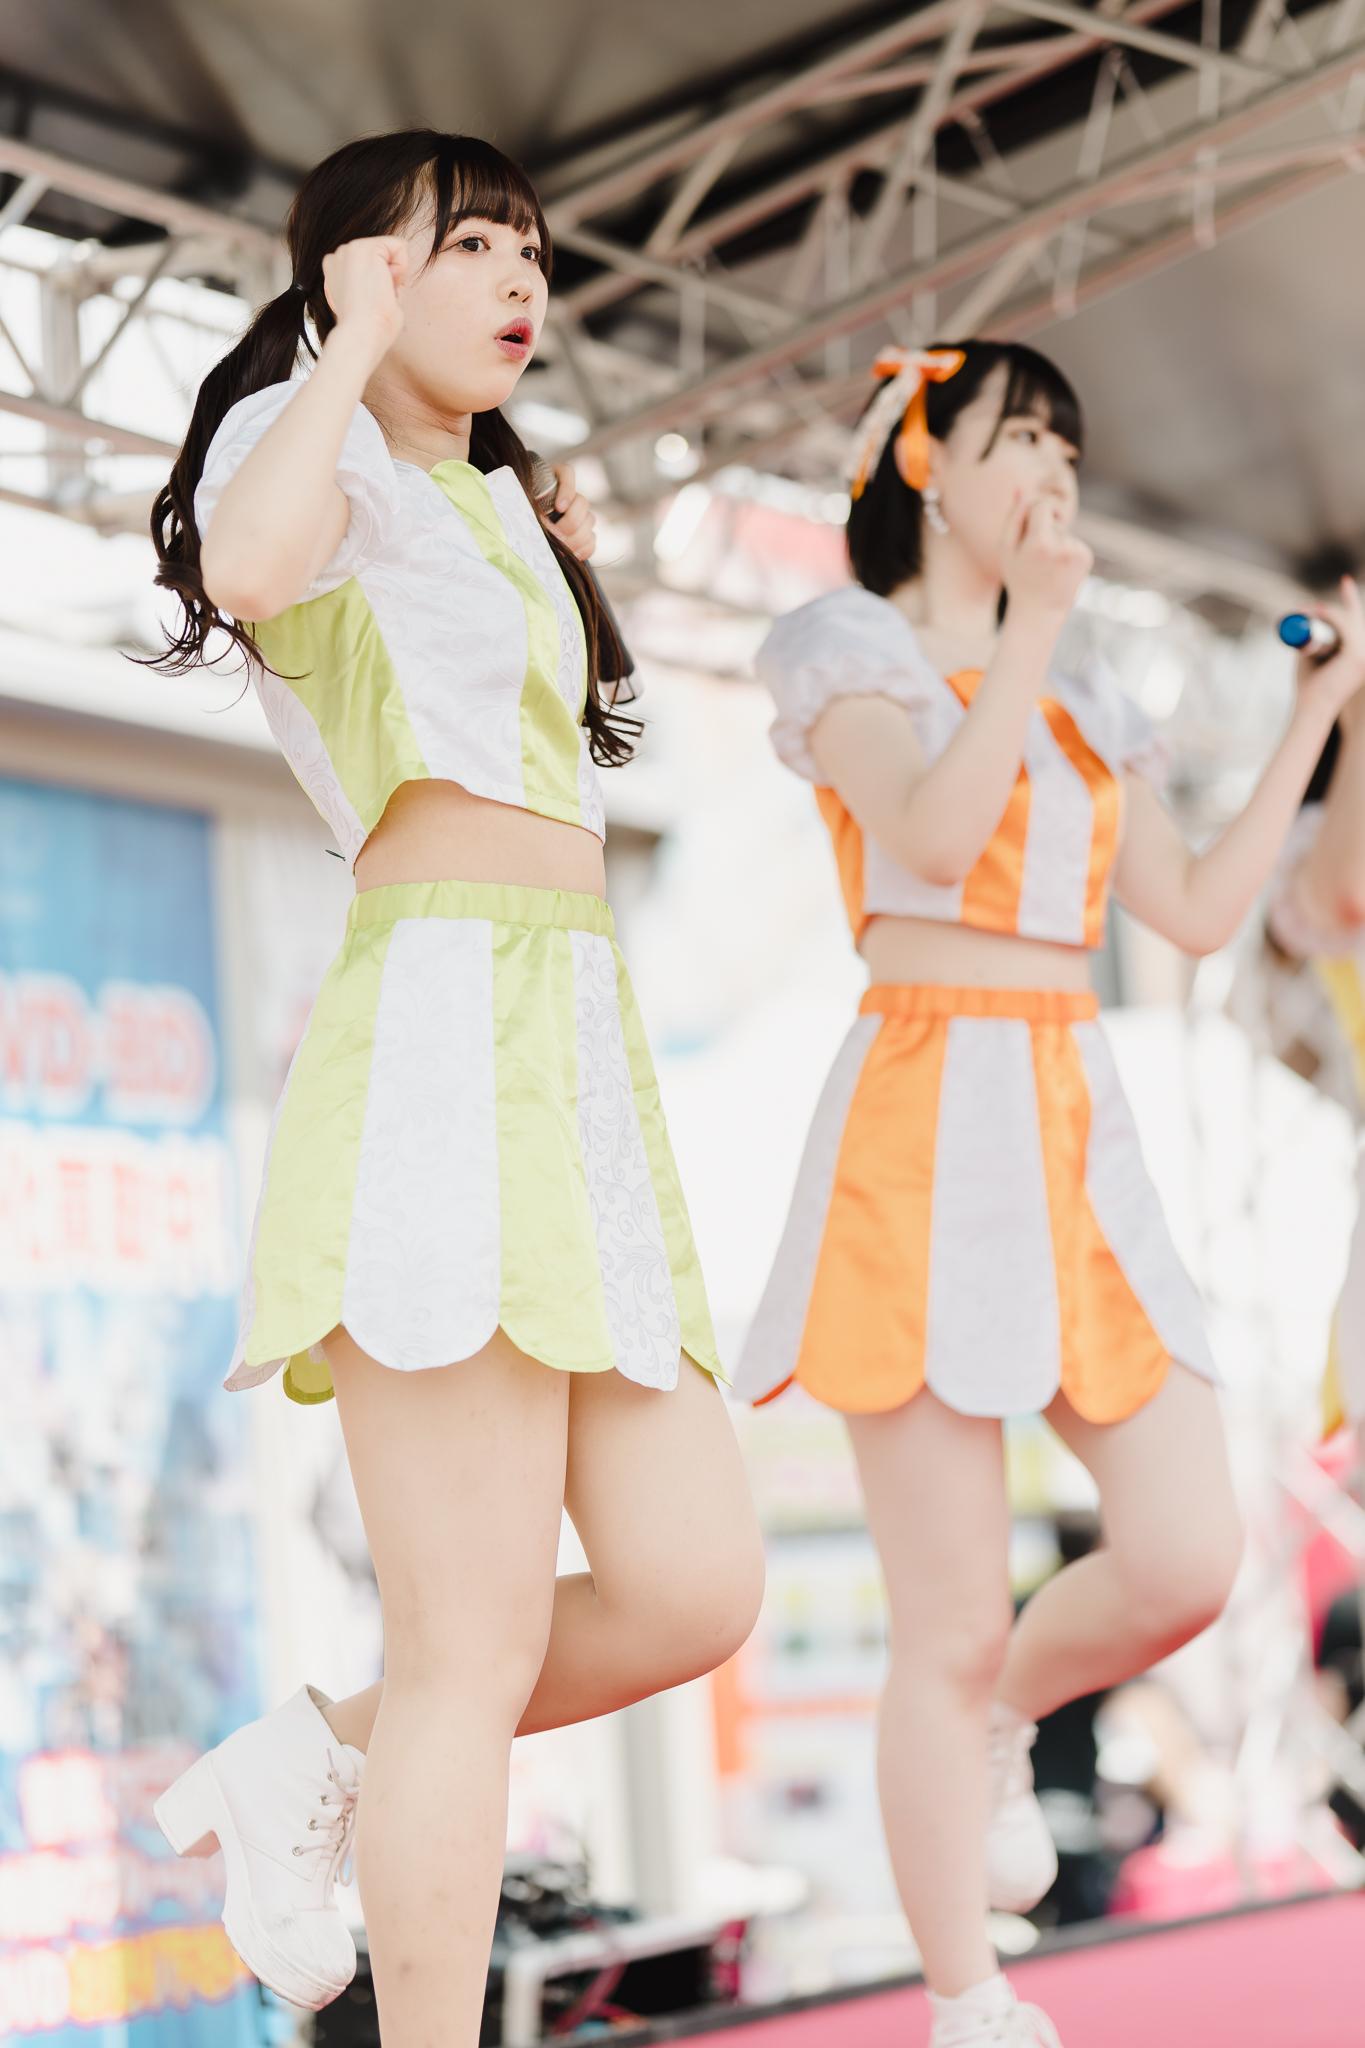 フルーティー♡ おかゆ ( 新岡ゆう ) | お宝百貨店万代藤野店「SUMMER FESTIVAL 2021」1日目